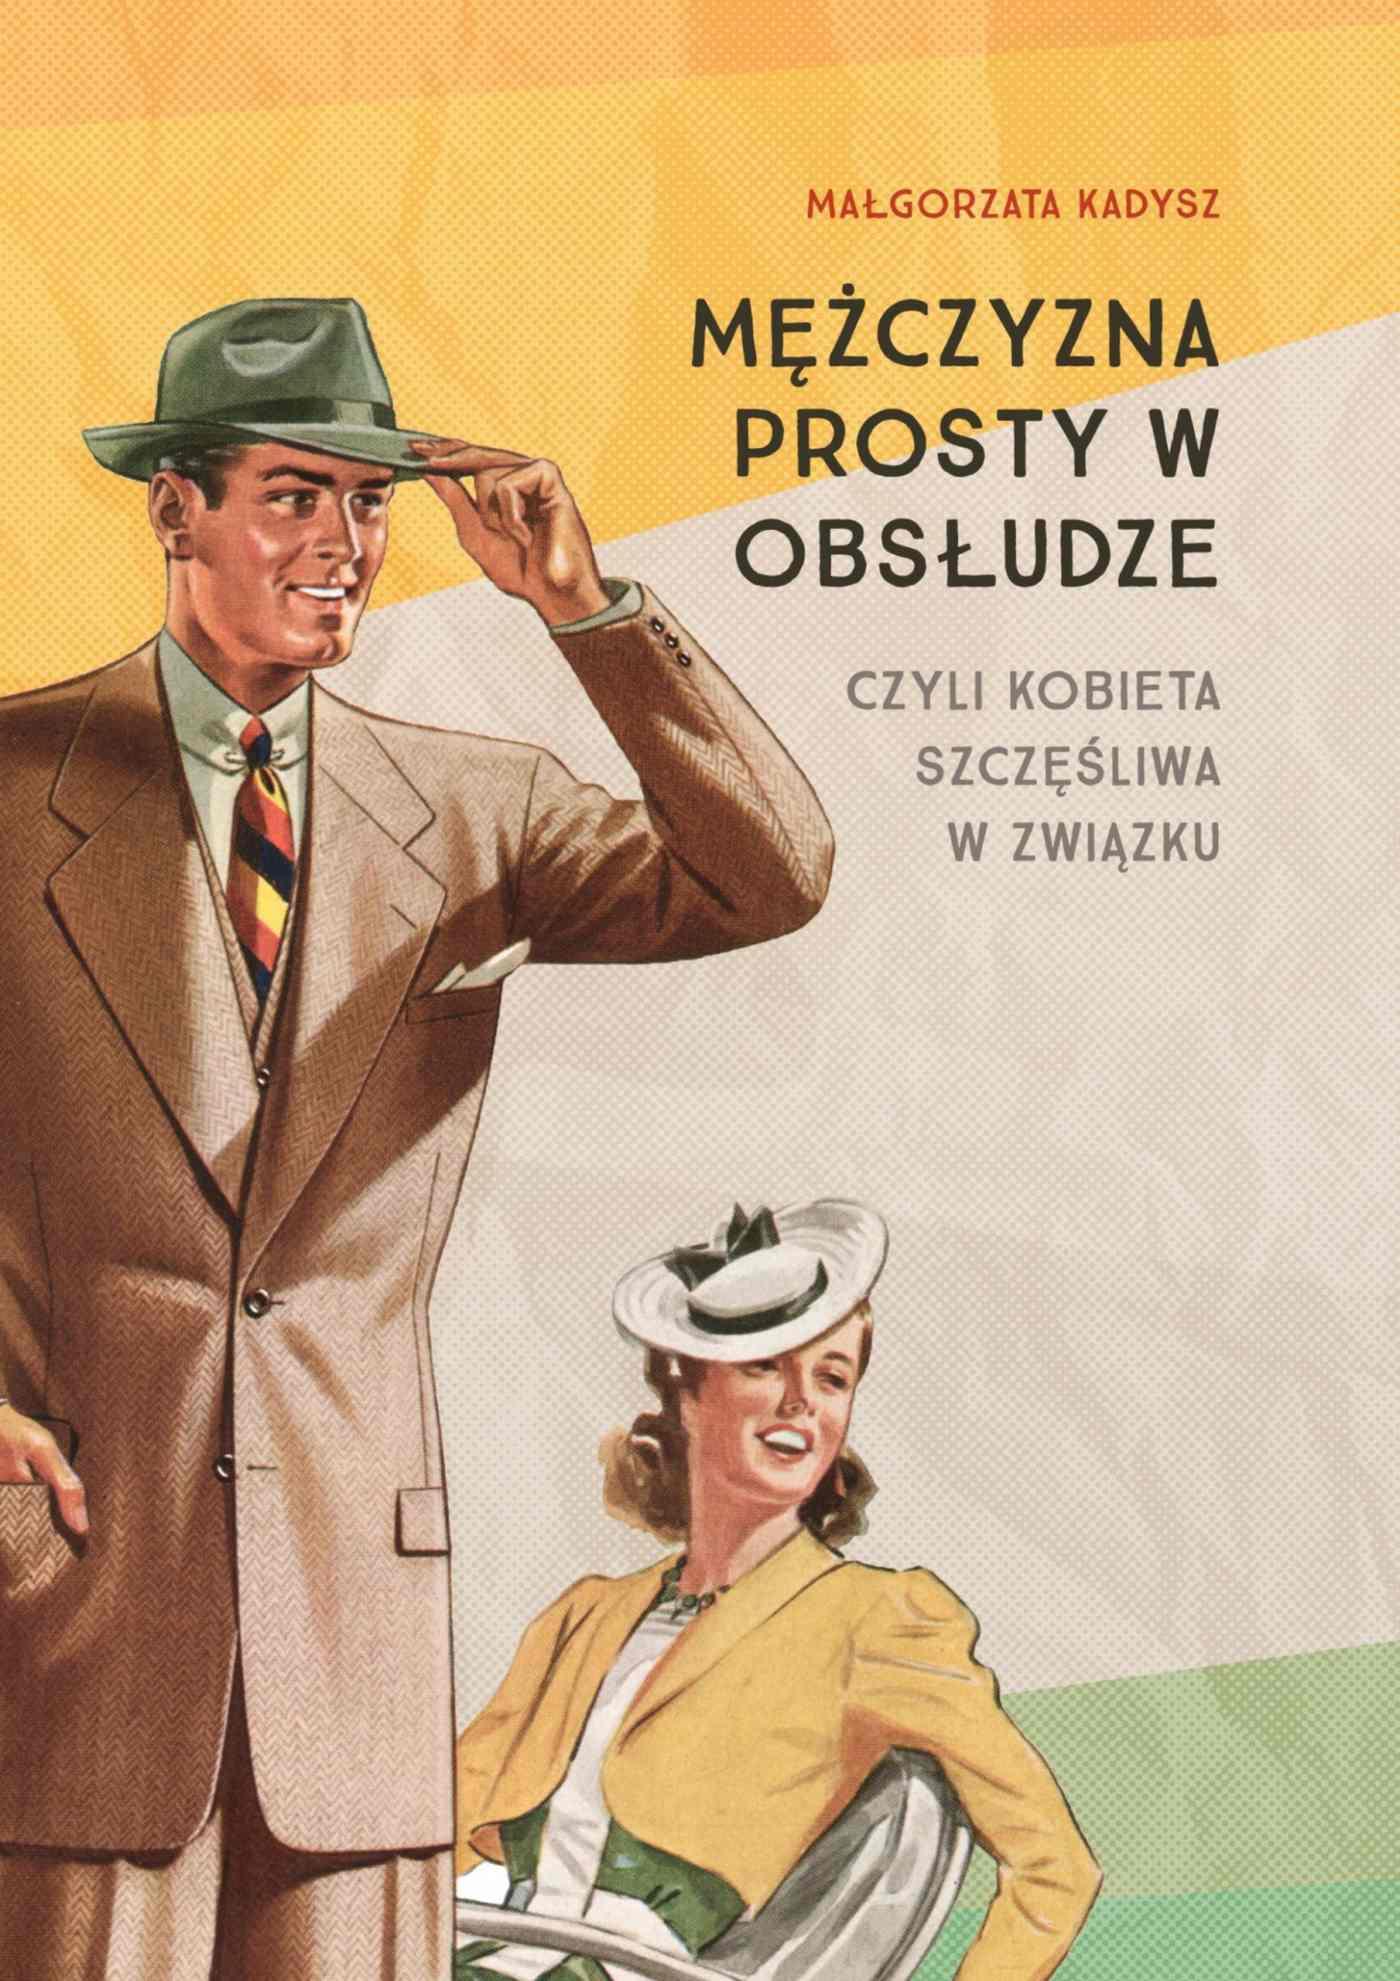 Mężczyzna prosty w obsłudze - Ebook (Książka na Kindle) do pobrania w formacie MOBI